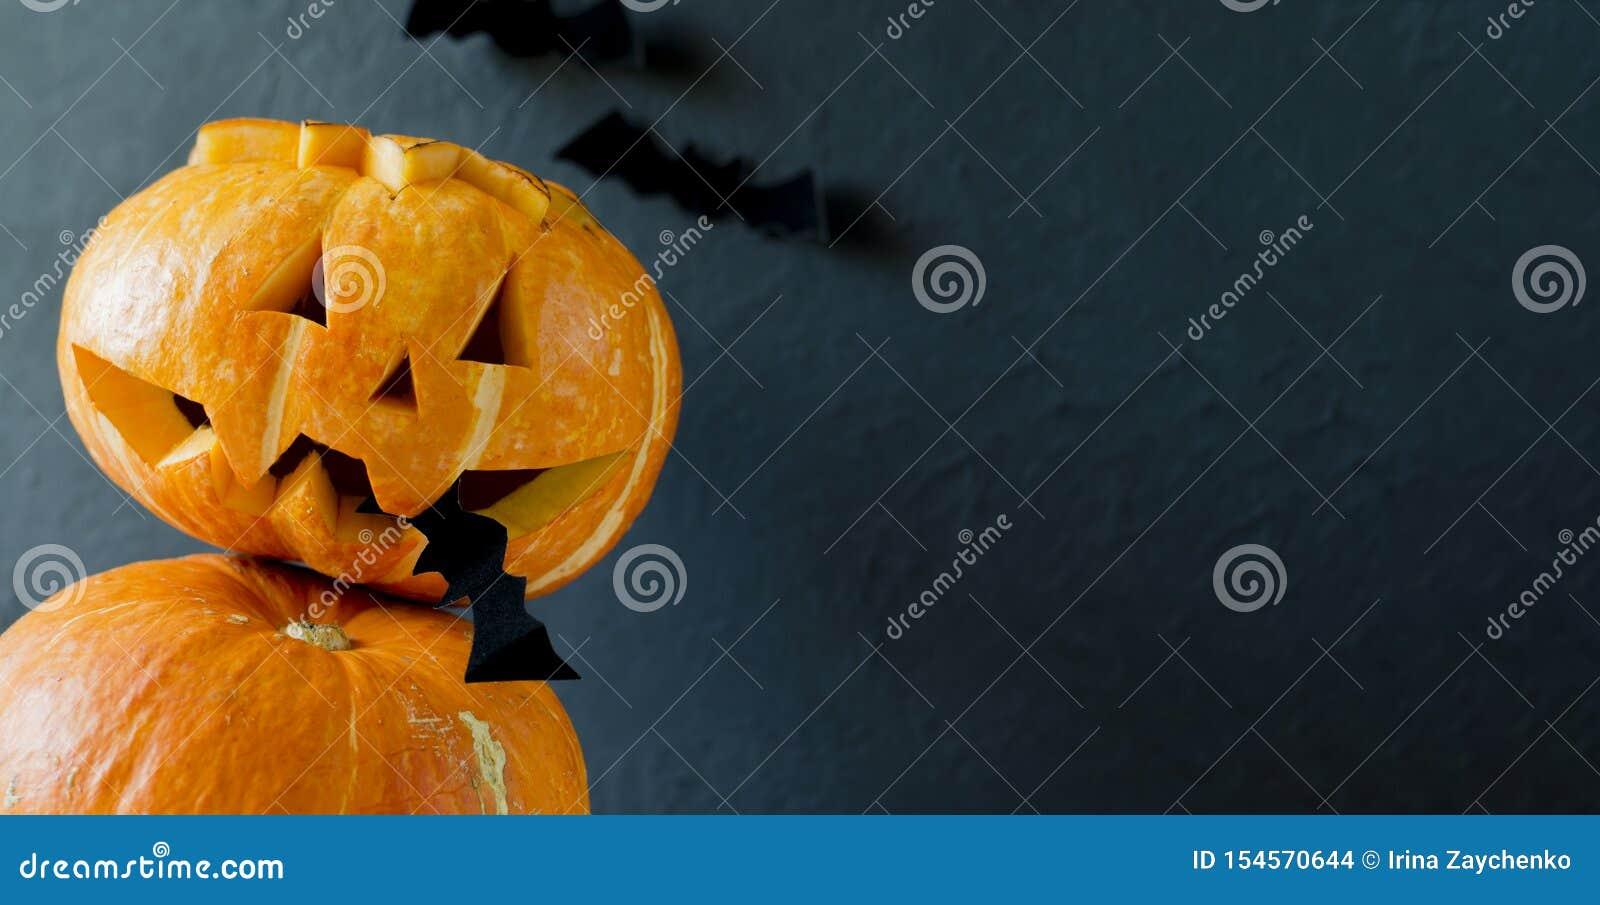 El enchufe de la linterna de la calabaza del primer de Halloween en su boca sostiene un palo Fondo oscuro Dos calabazas Tres palo